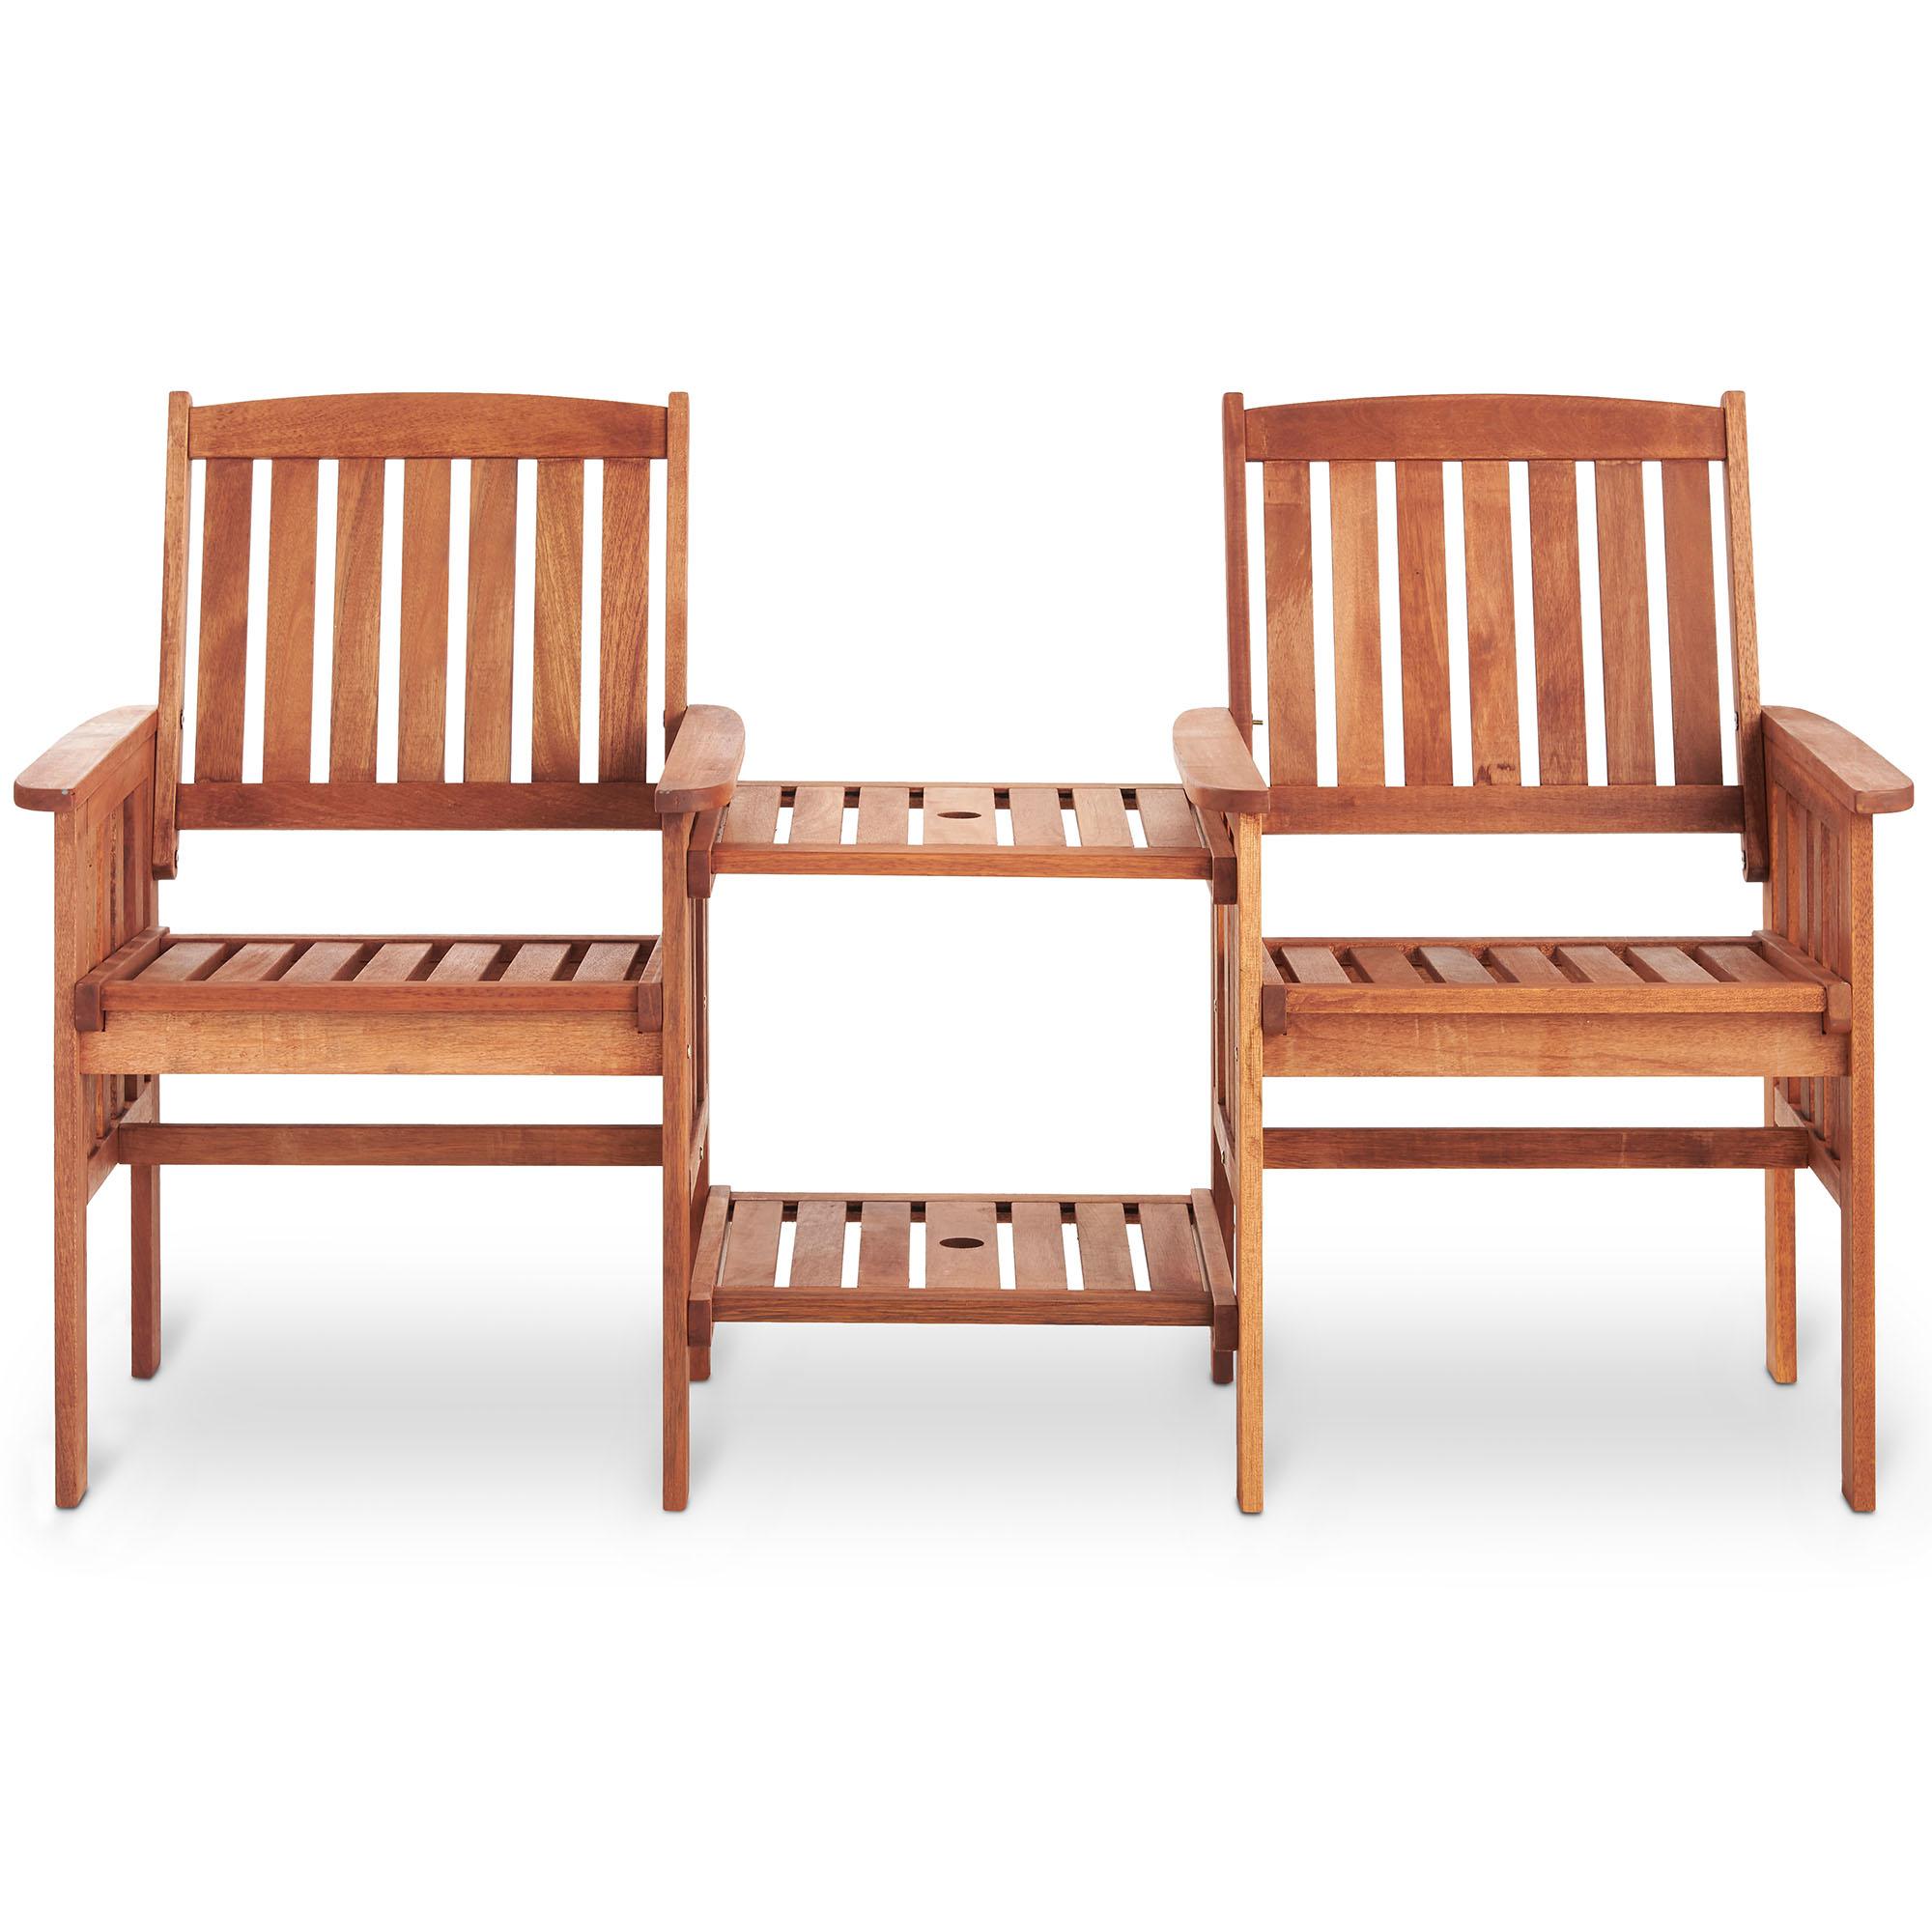 Vonhaus garden love seat bench 2 seater hardwood outdoor for Outdoor furniture 2 seater